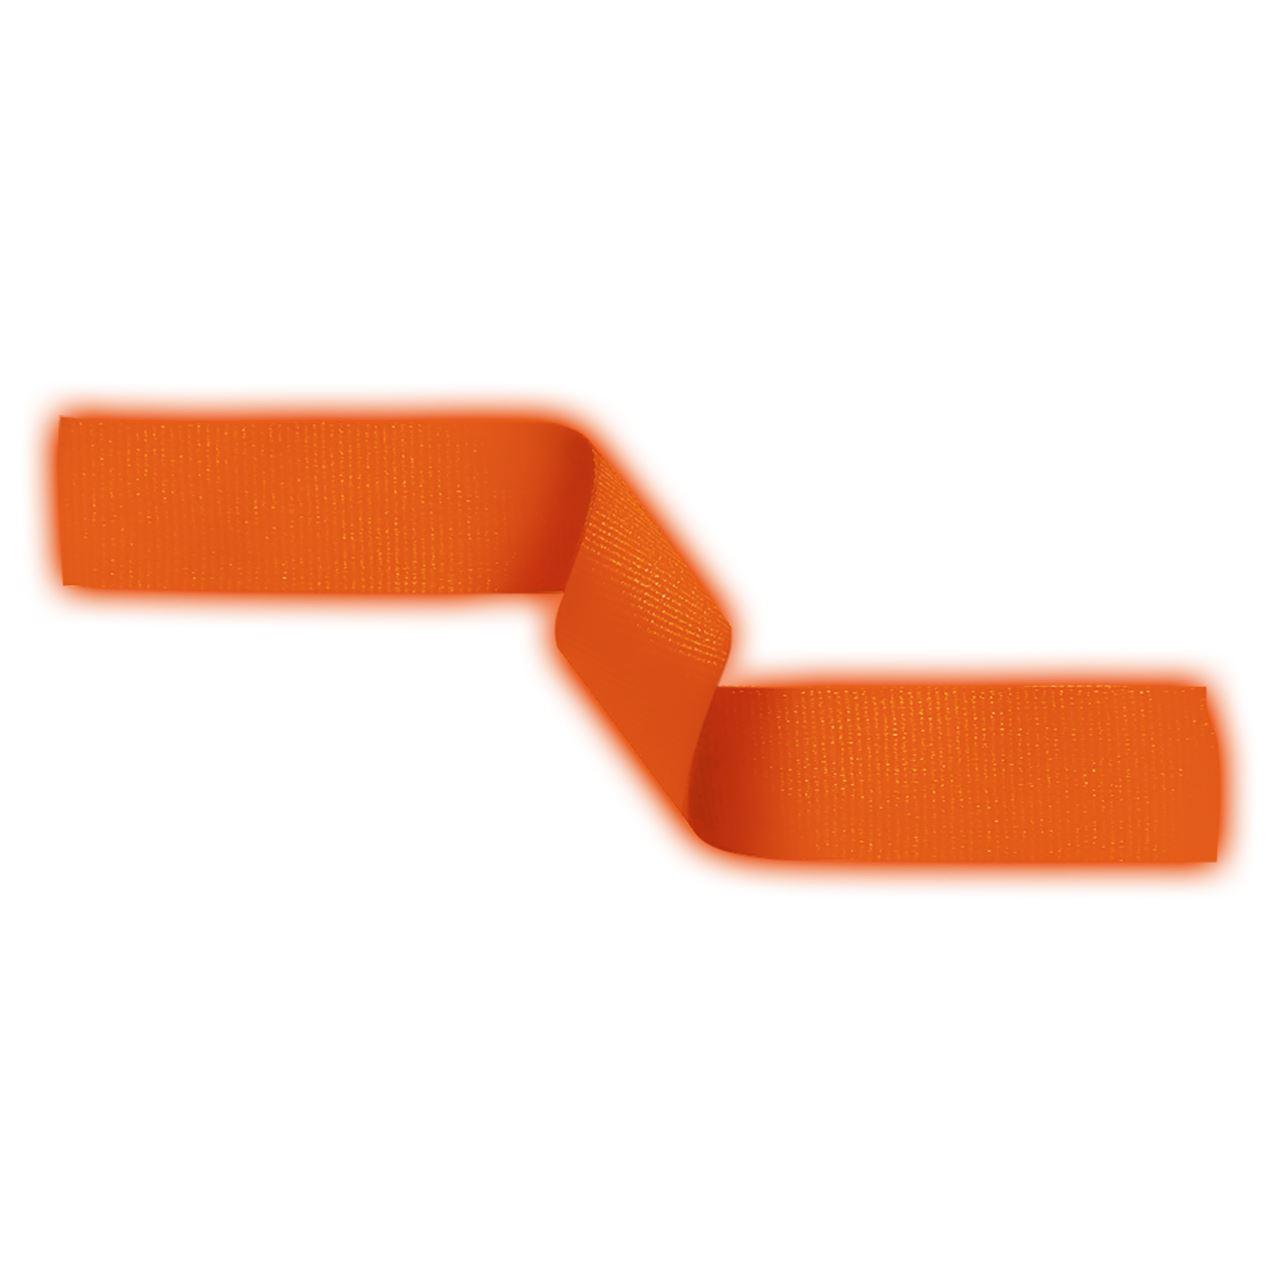 MR20023A - Neon Orange